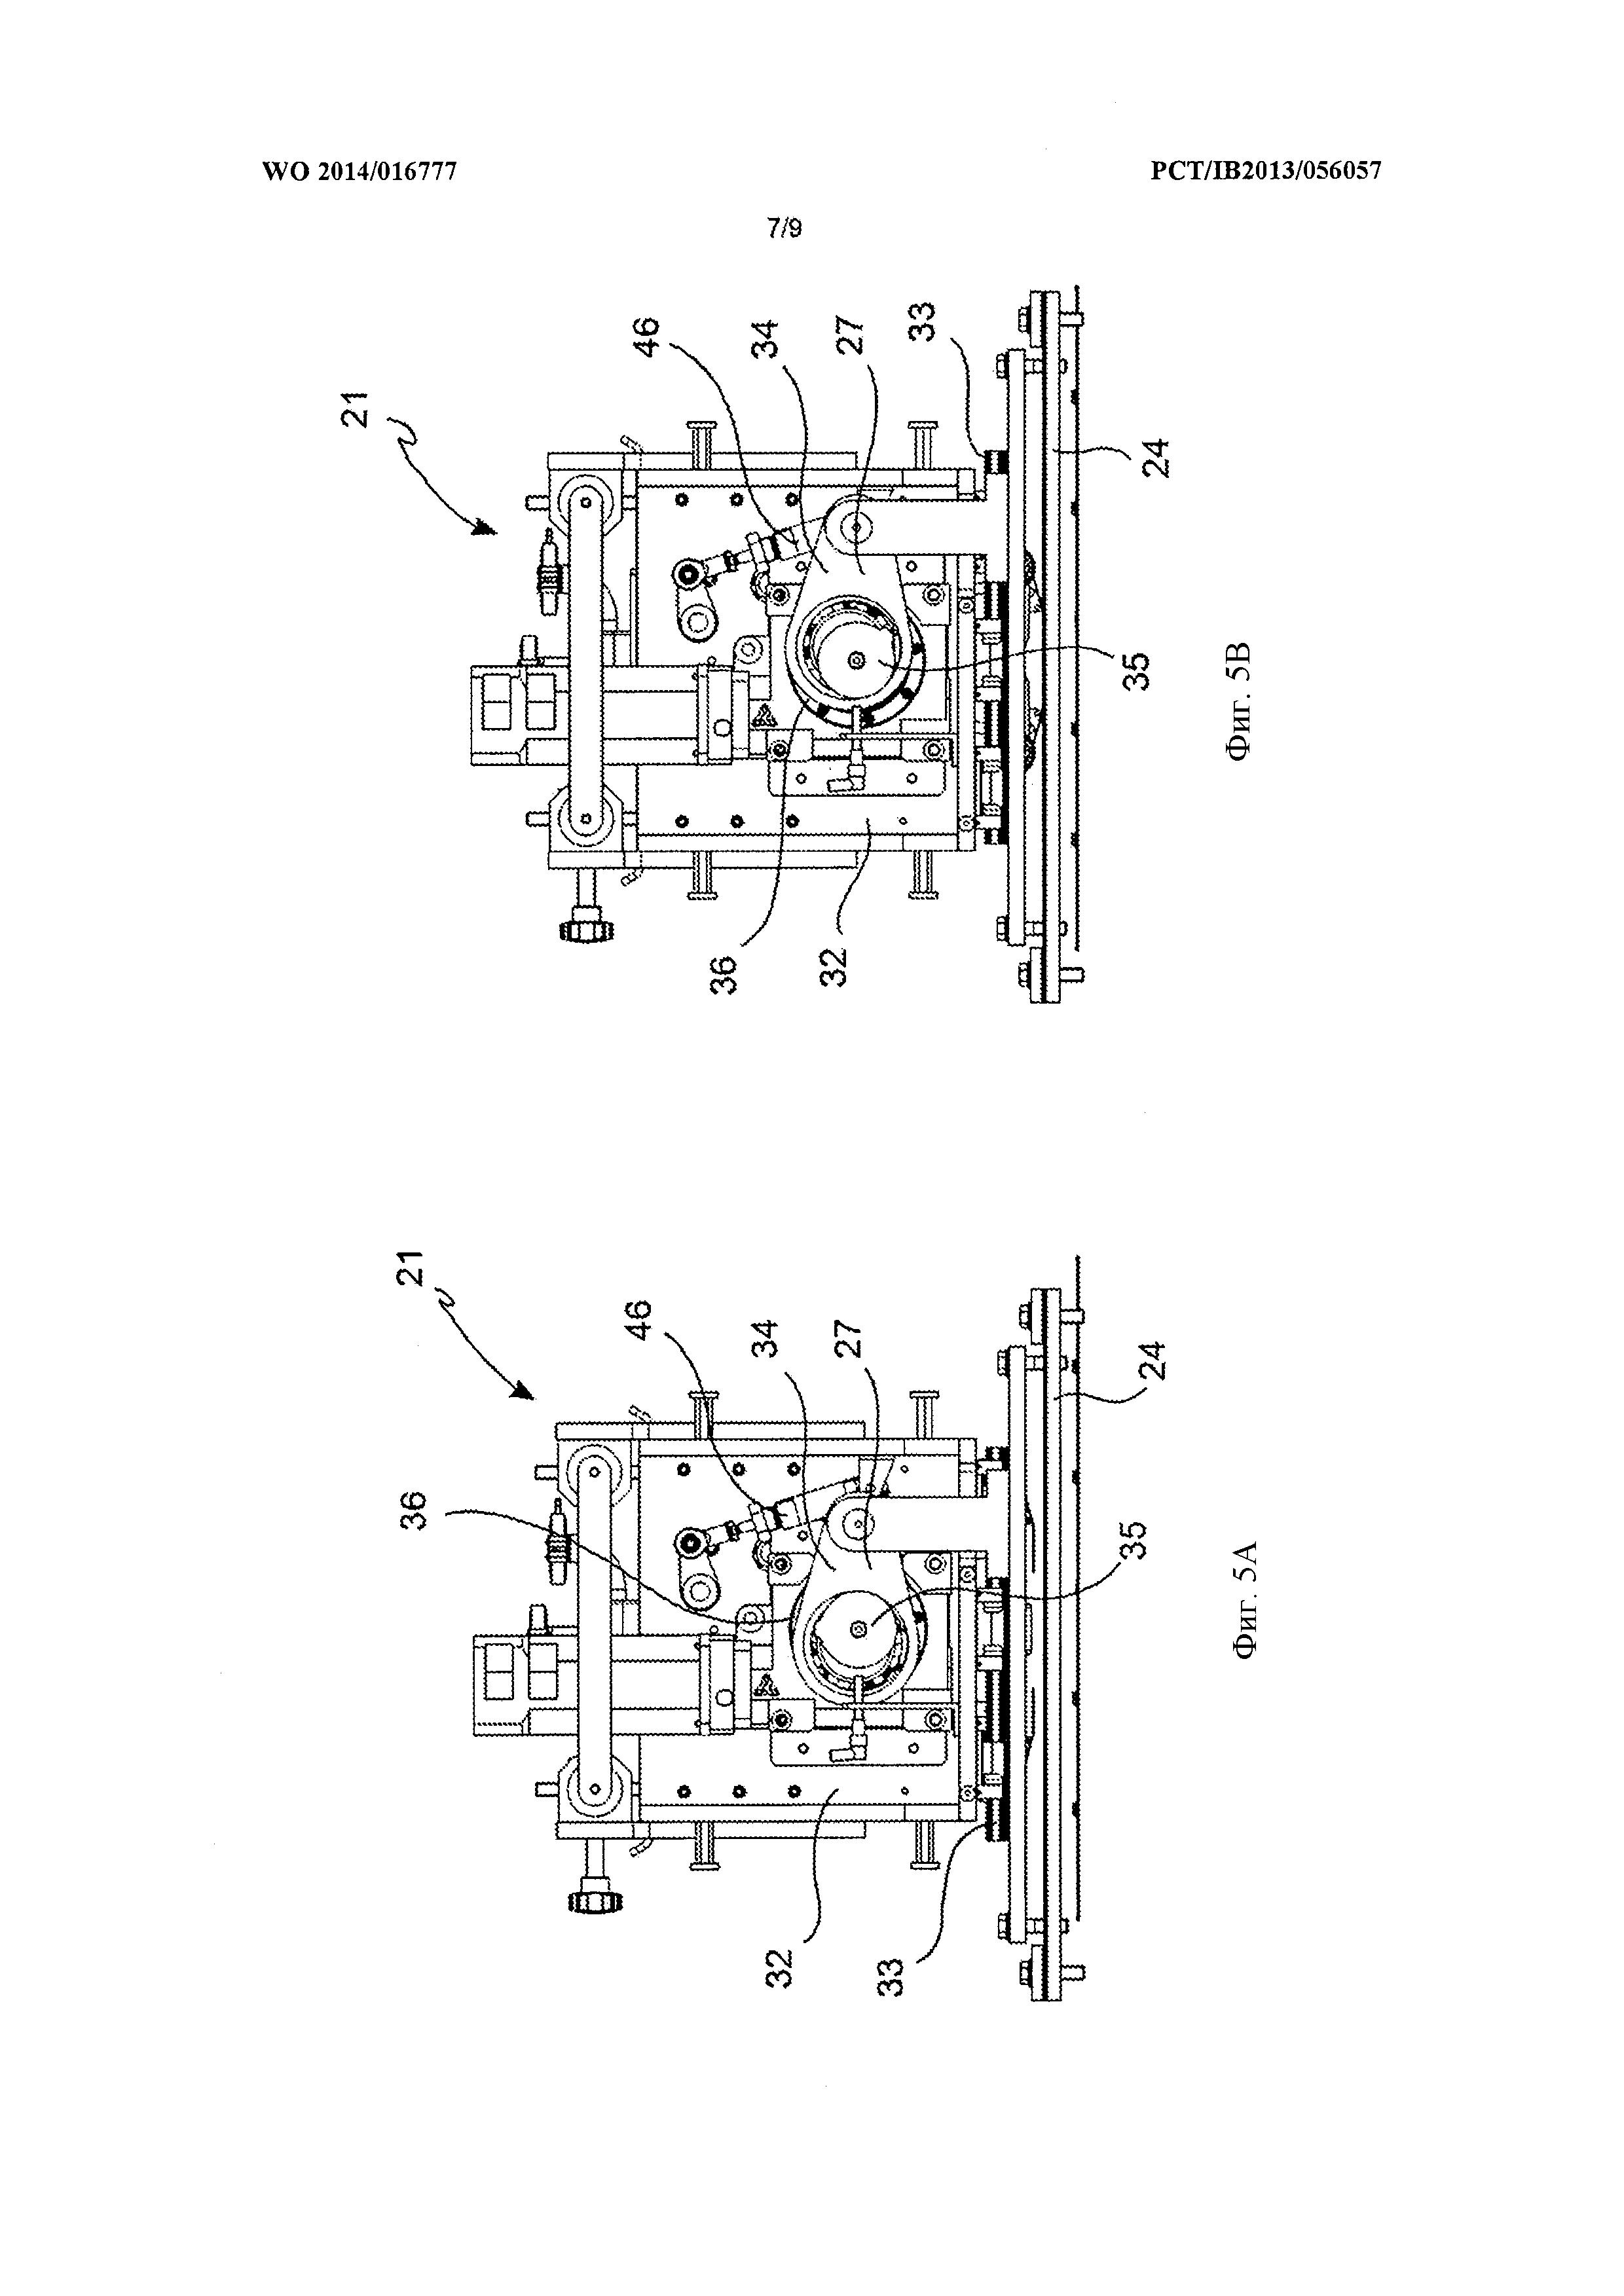 Способ и машина для изготовления кондитерского изделия